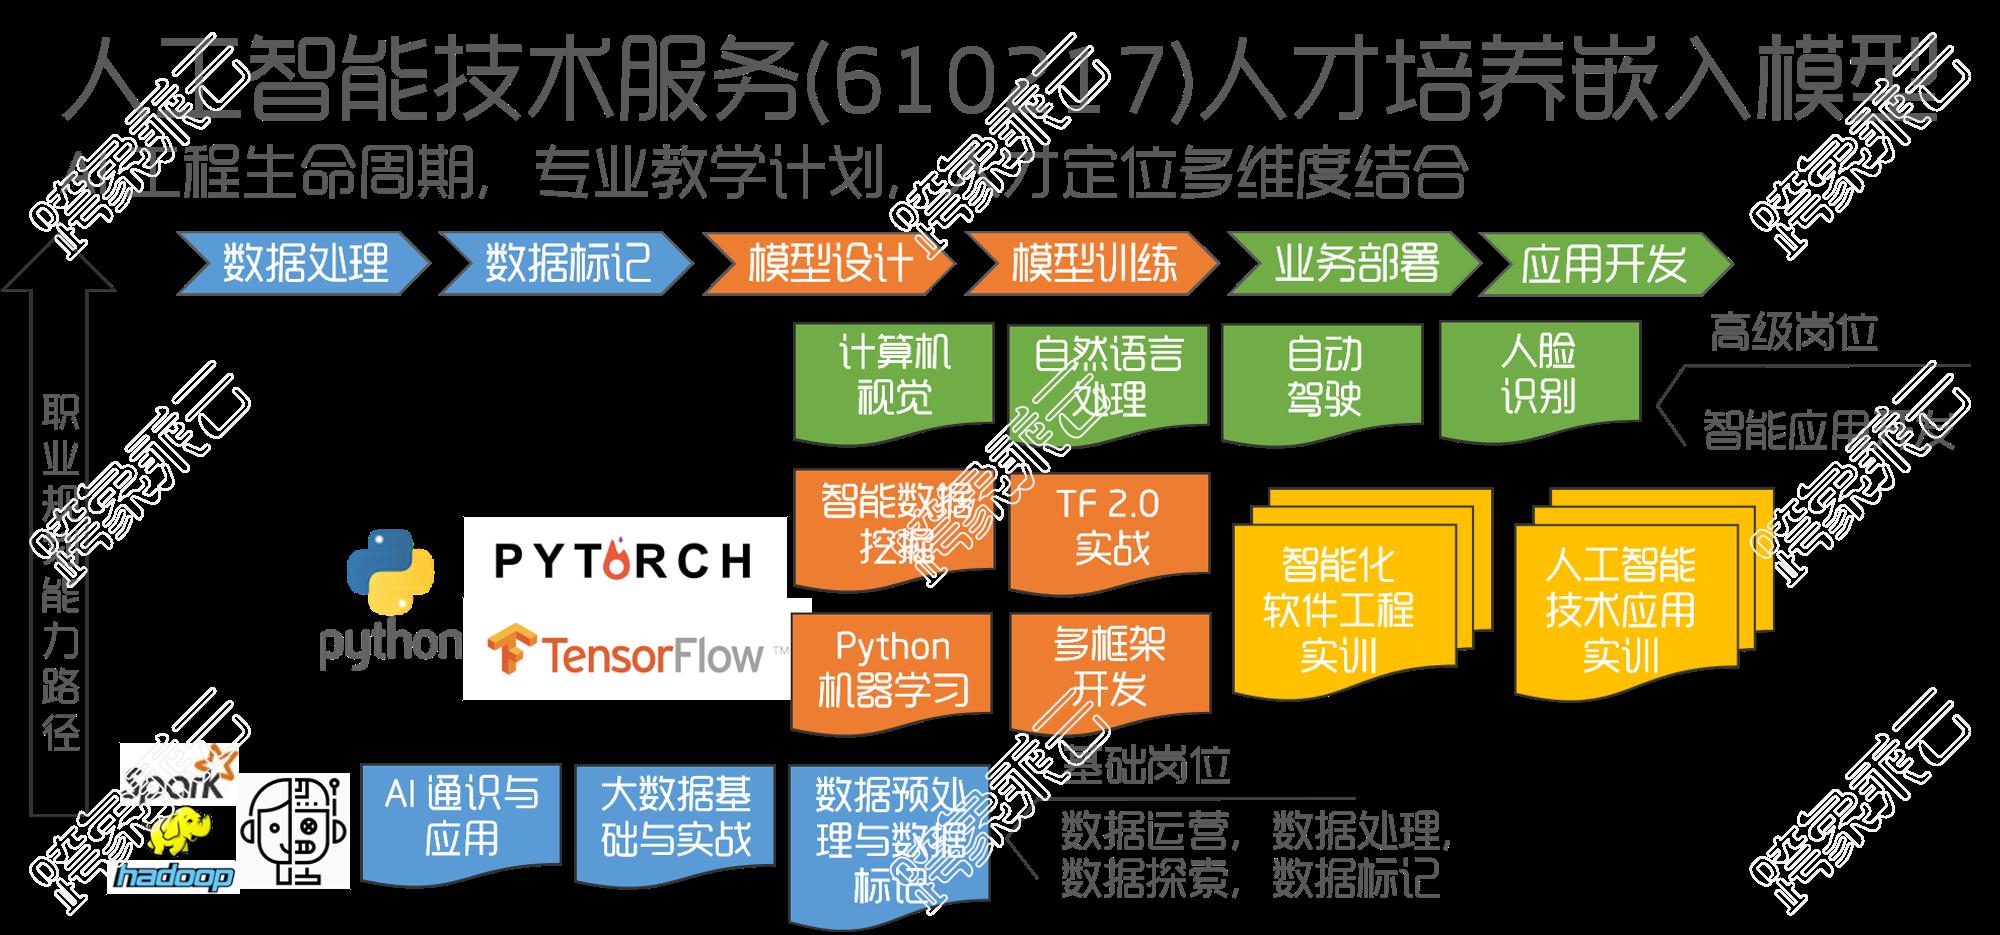 人工智能技术服务(610217)学习路径及人才培养模型